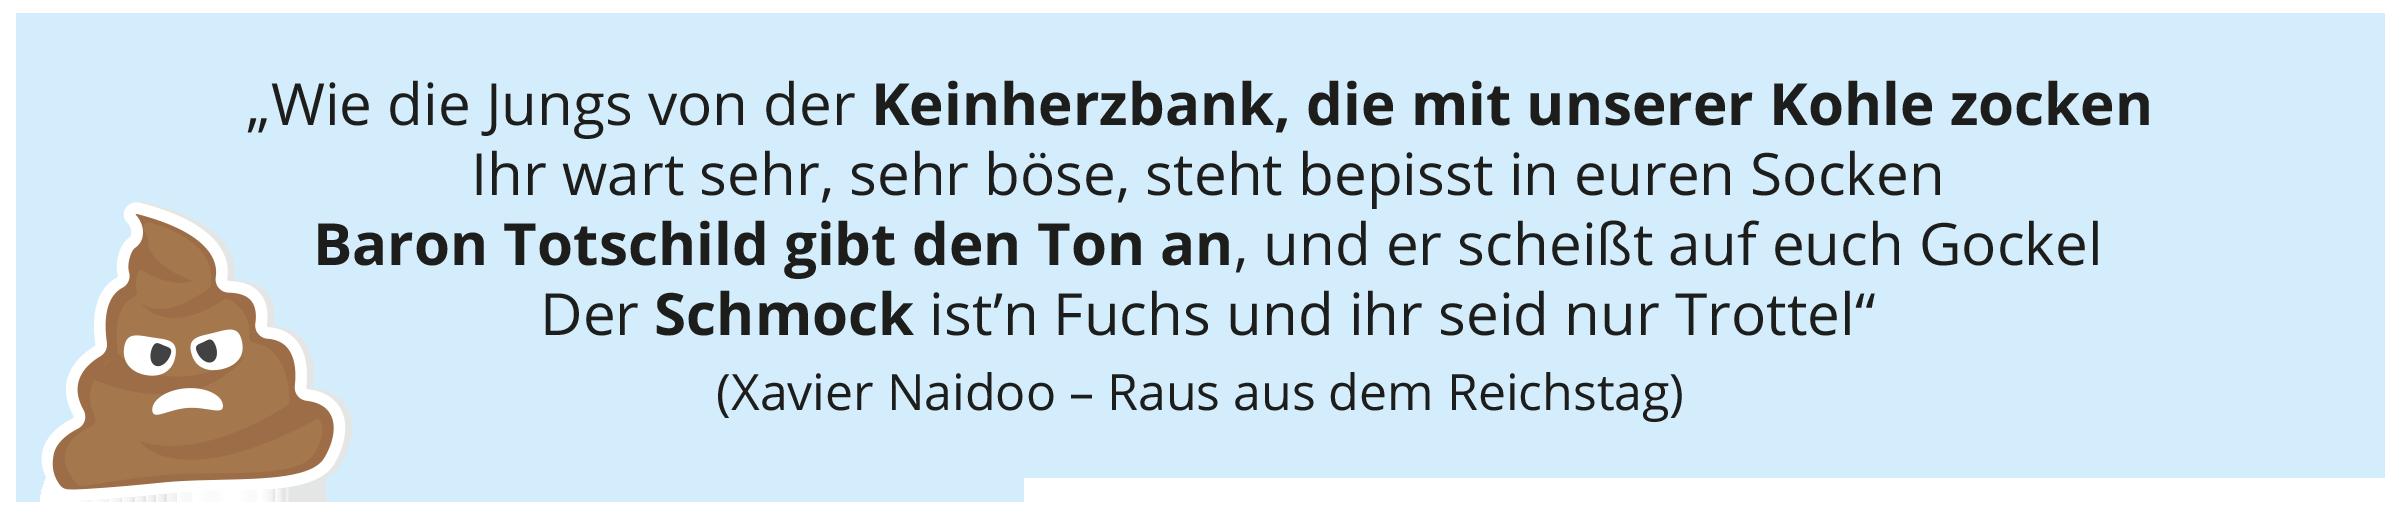 """""""Wie die Jungs von der Keinherzbank, die mit unserer Kohle zocken Ihr wart sehr, sehr böse, steht bepisst in euren Socken Baron Totschild gibt den Ton an, und er scheißt auf euch Gockel Der Schmock ist'n Fuchs und ihr seid nur Trottel"""" (Xavier Naidoo – Raus aus dem Reichstag)"""